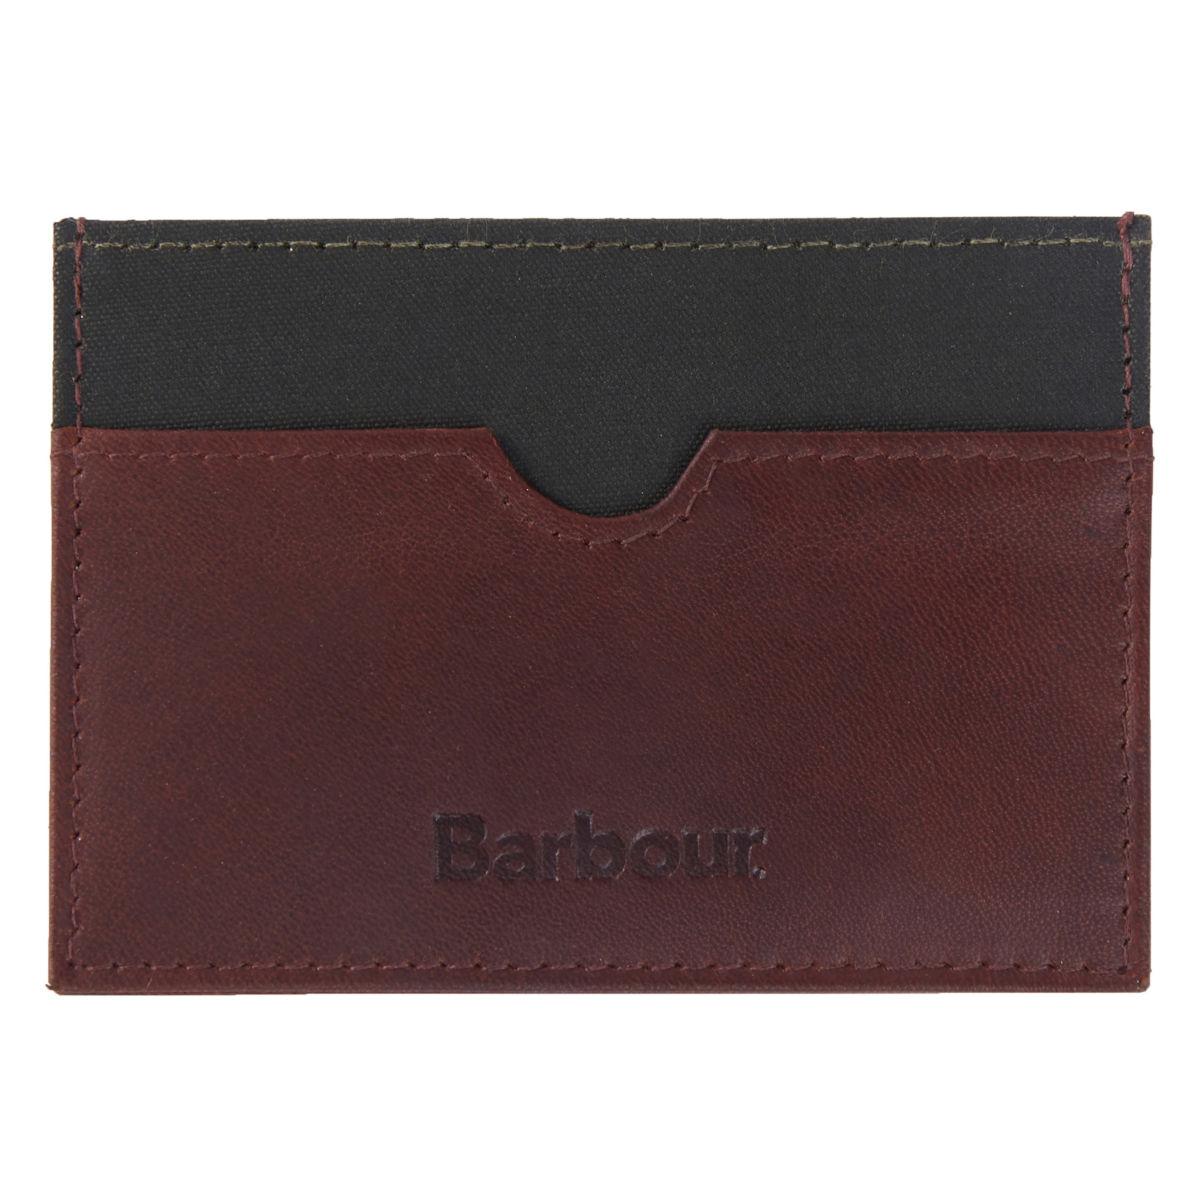 Barbour® Wax/Leather Cardholder - OLIVEimage number 0